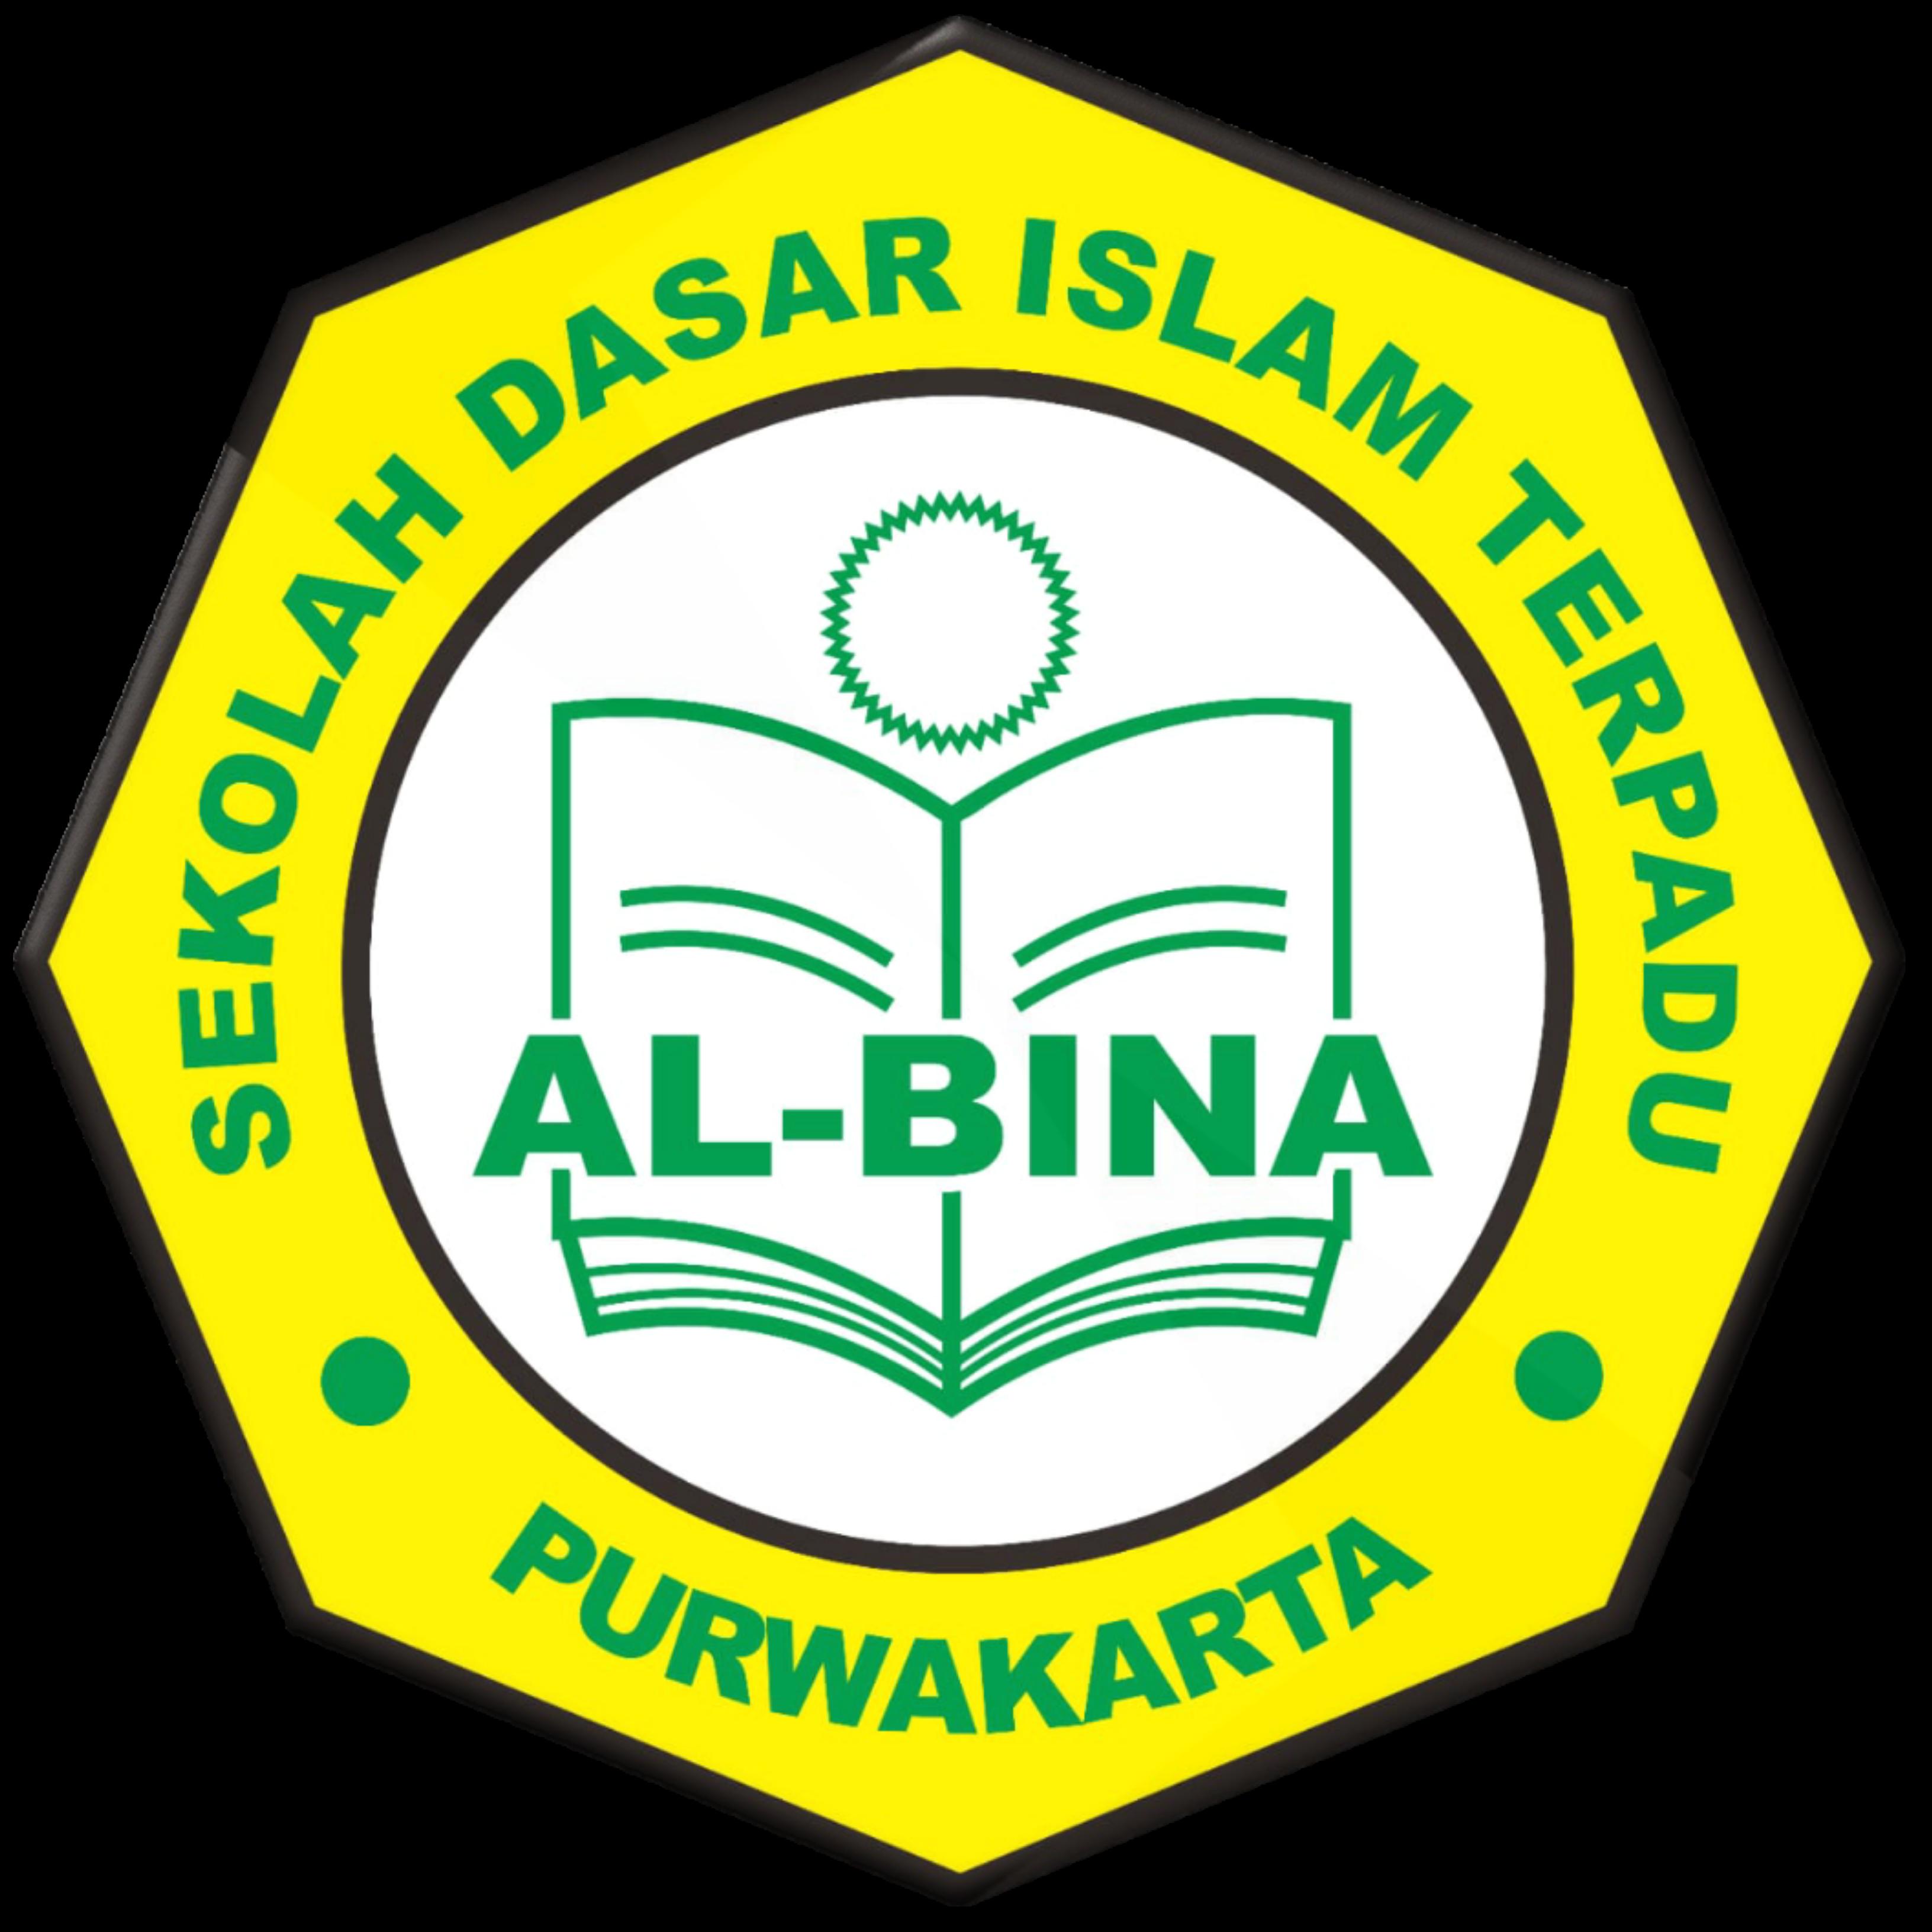 SDIT AL-BINA PURWAKARTA